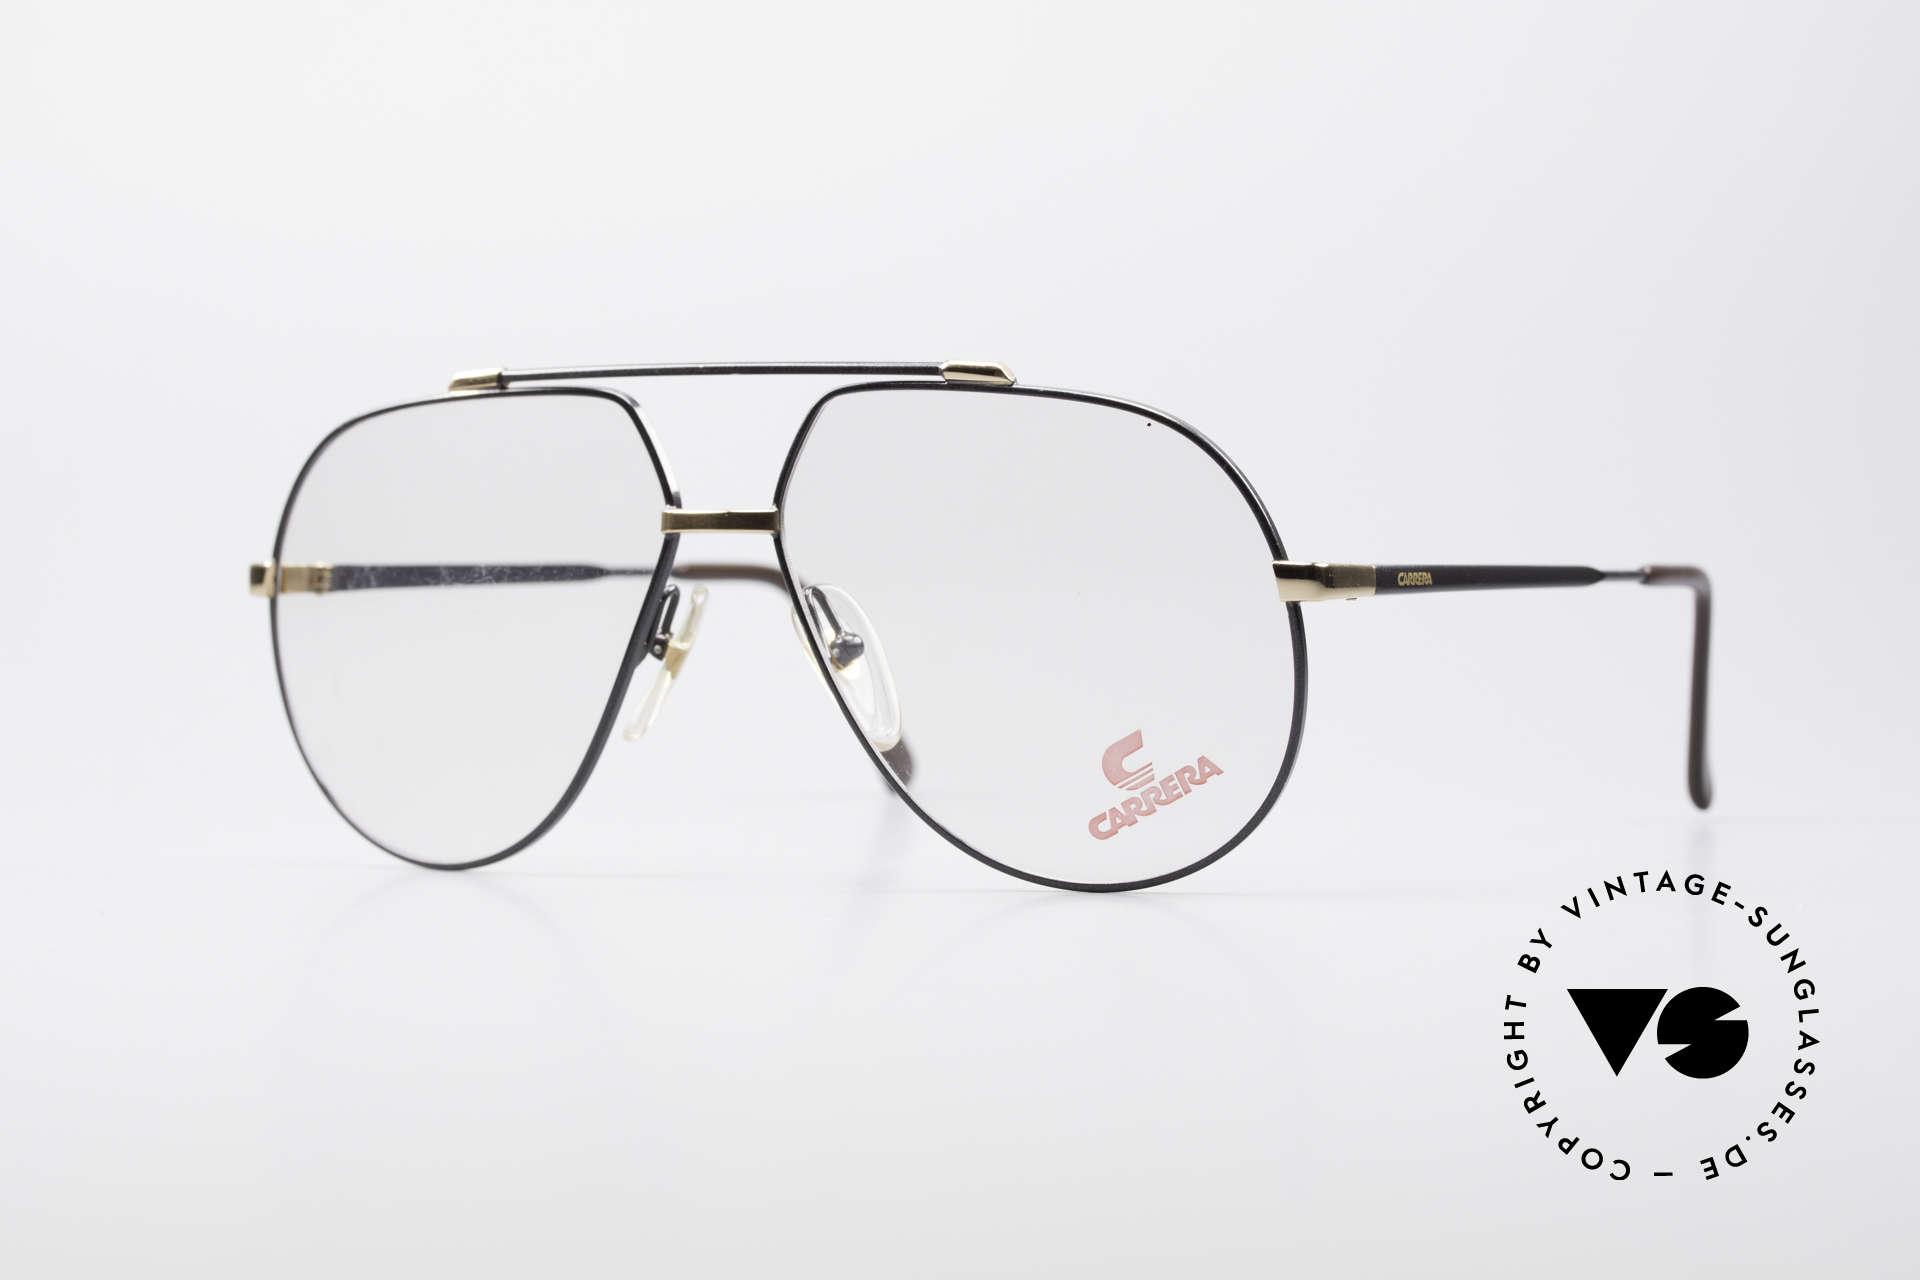 Carrera 5369 Herren Large Vintage Brille, vintage CARRERA Brillenfassung mit Doppelsteg, Passend für Herren